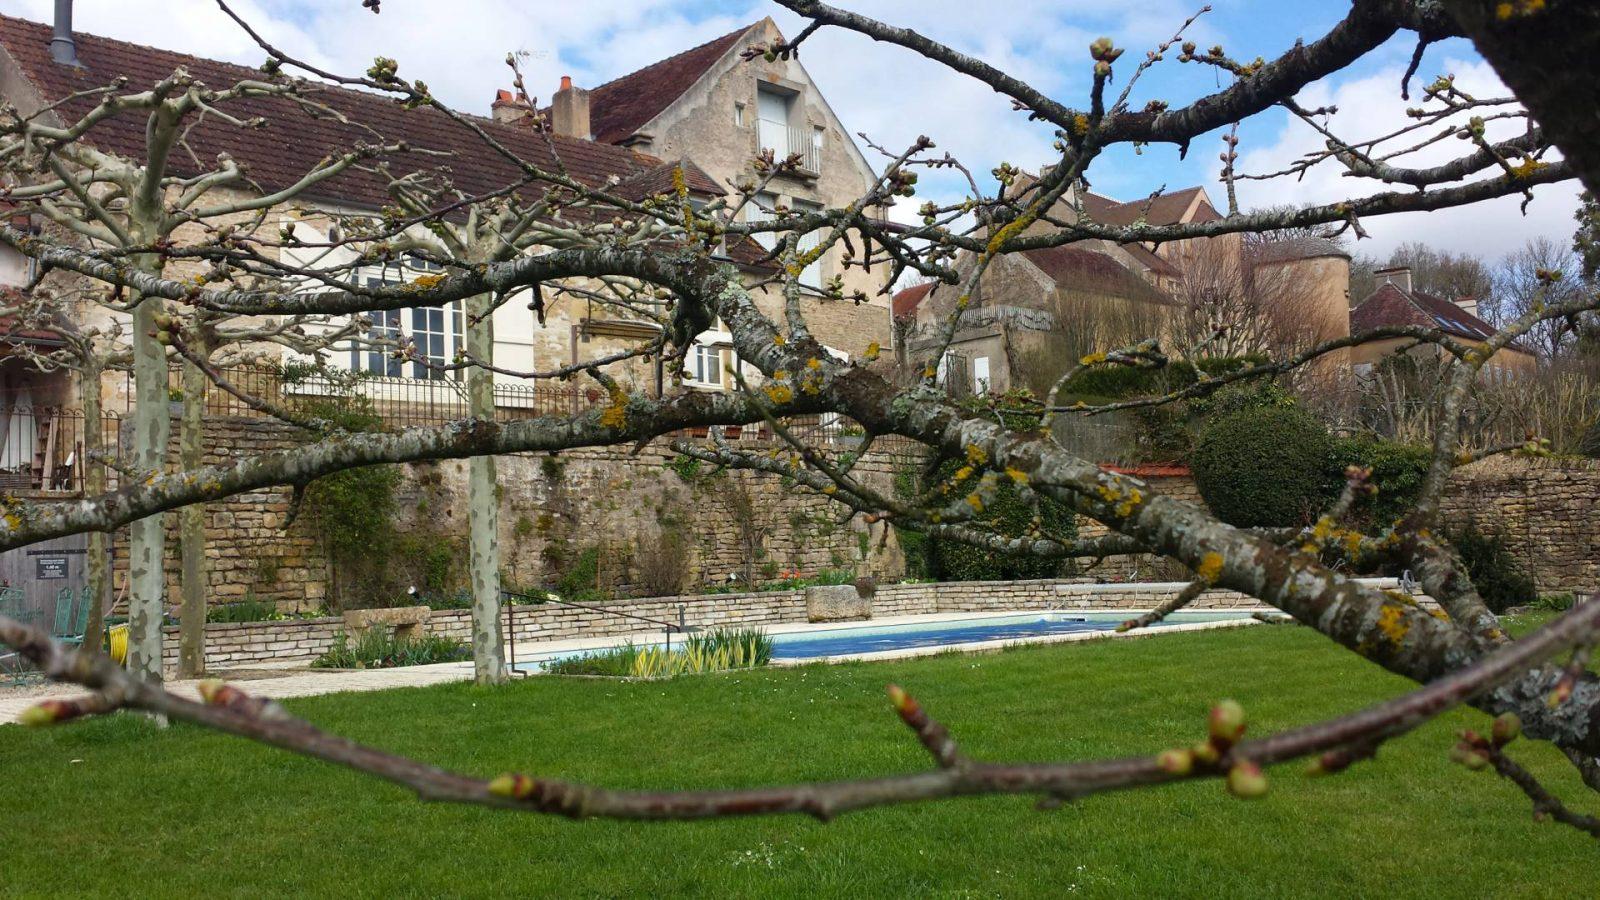 Maison Creme Anglaise garden view